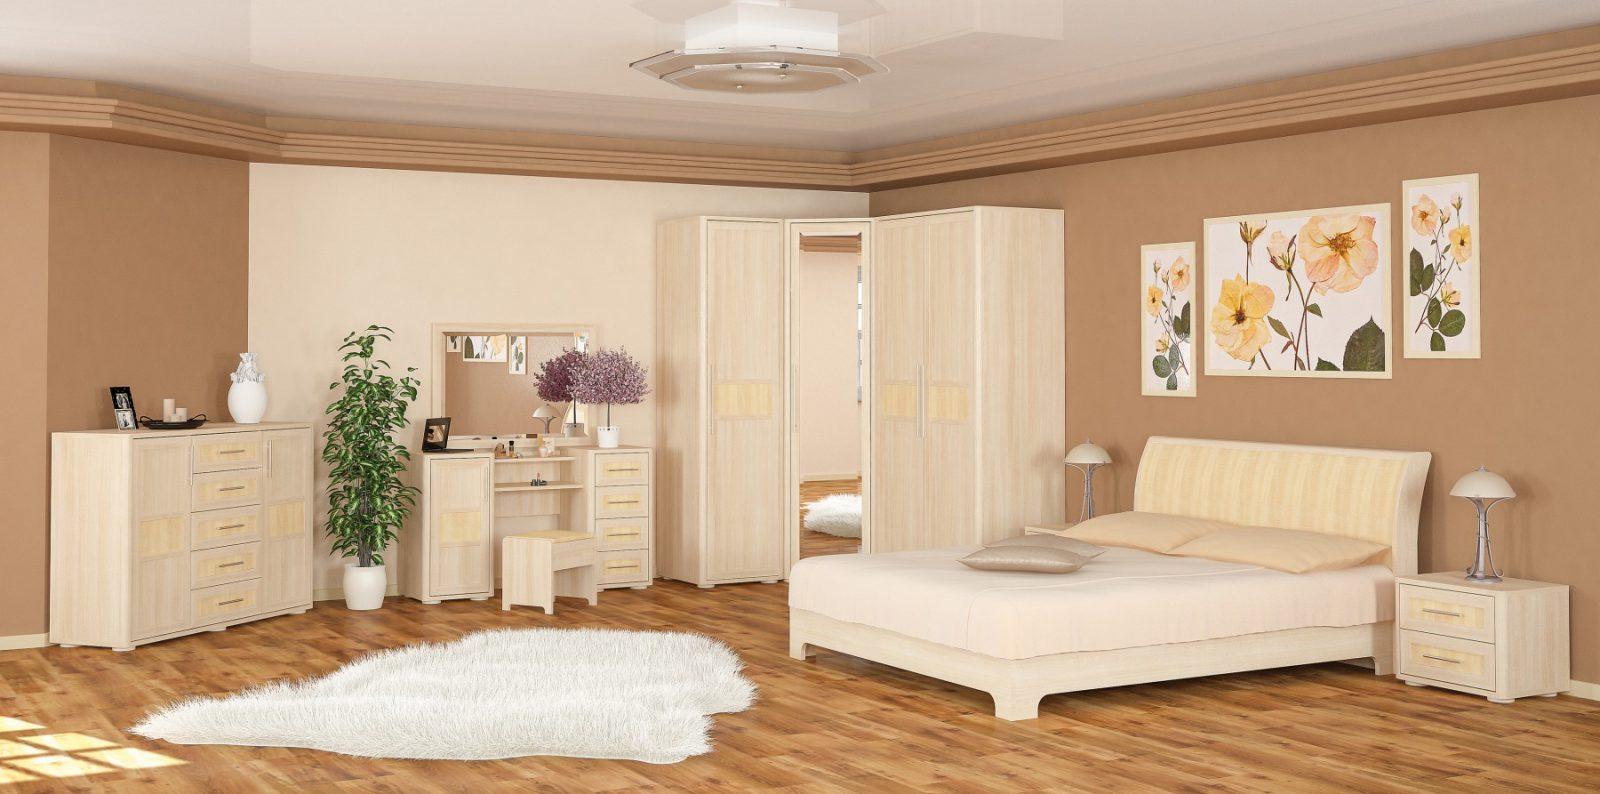 Токио спальня комплект (Мебель Сервис)